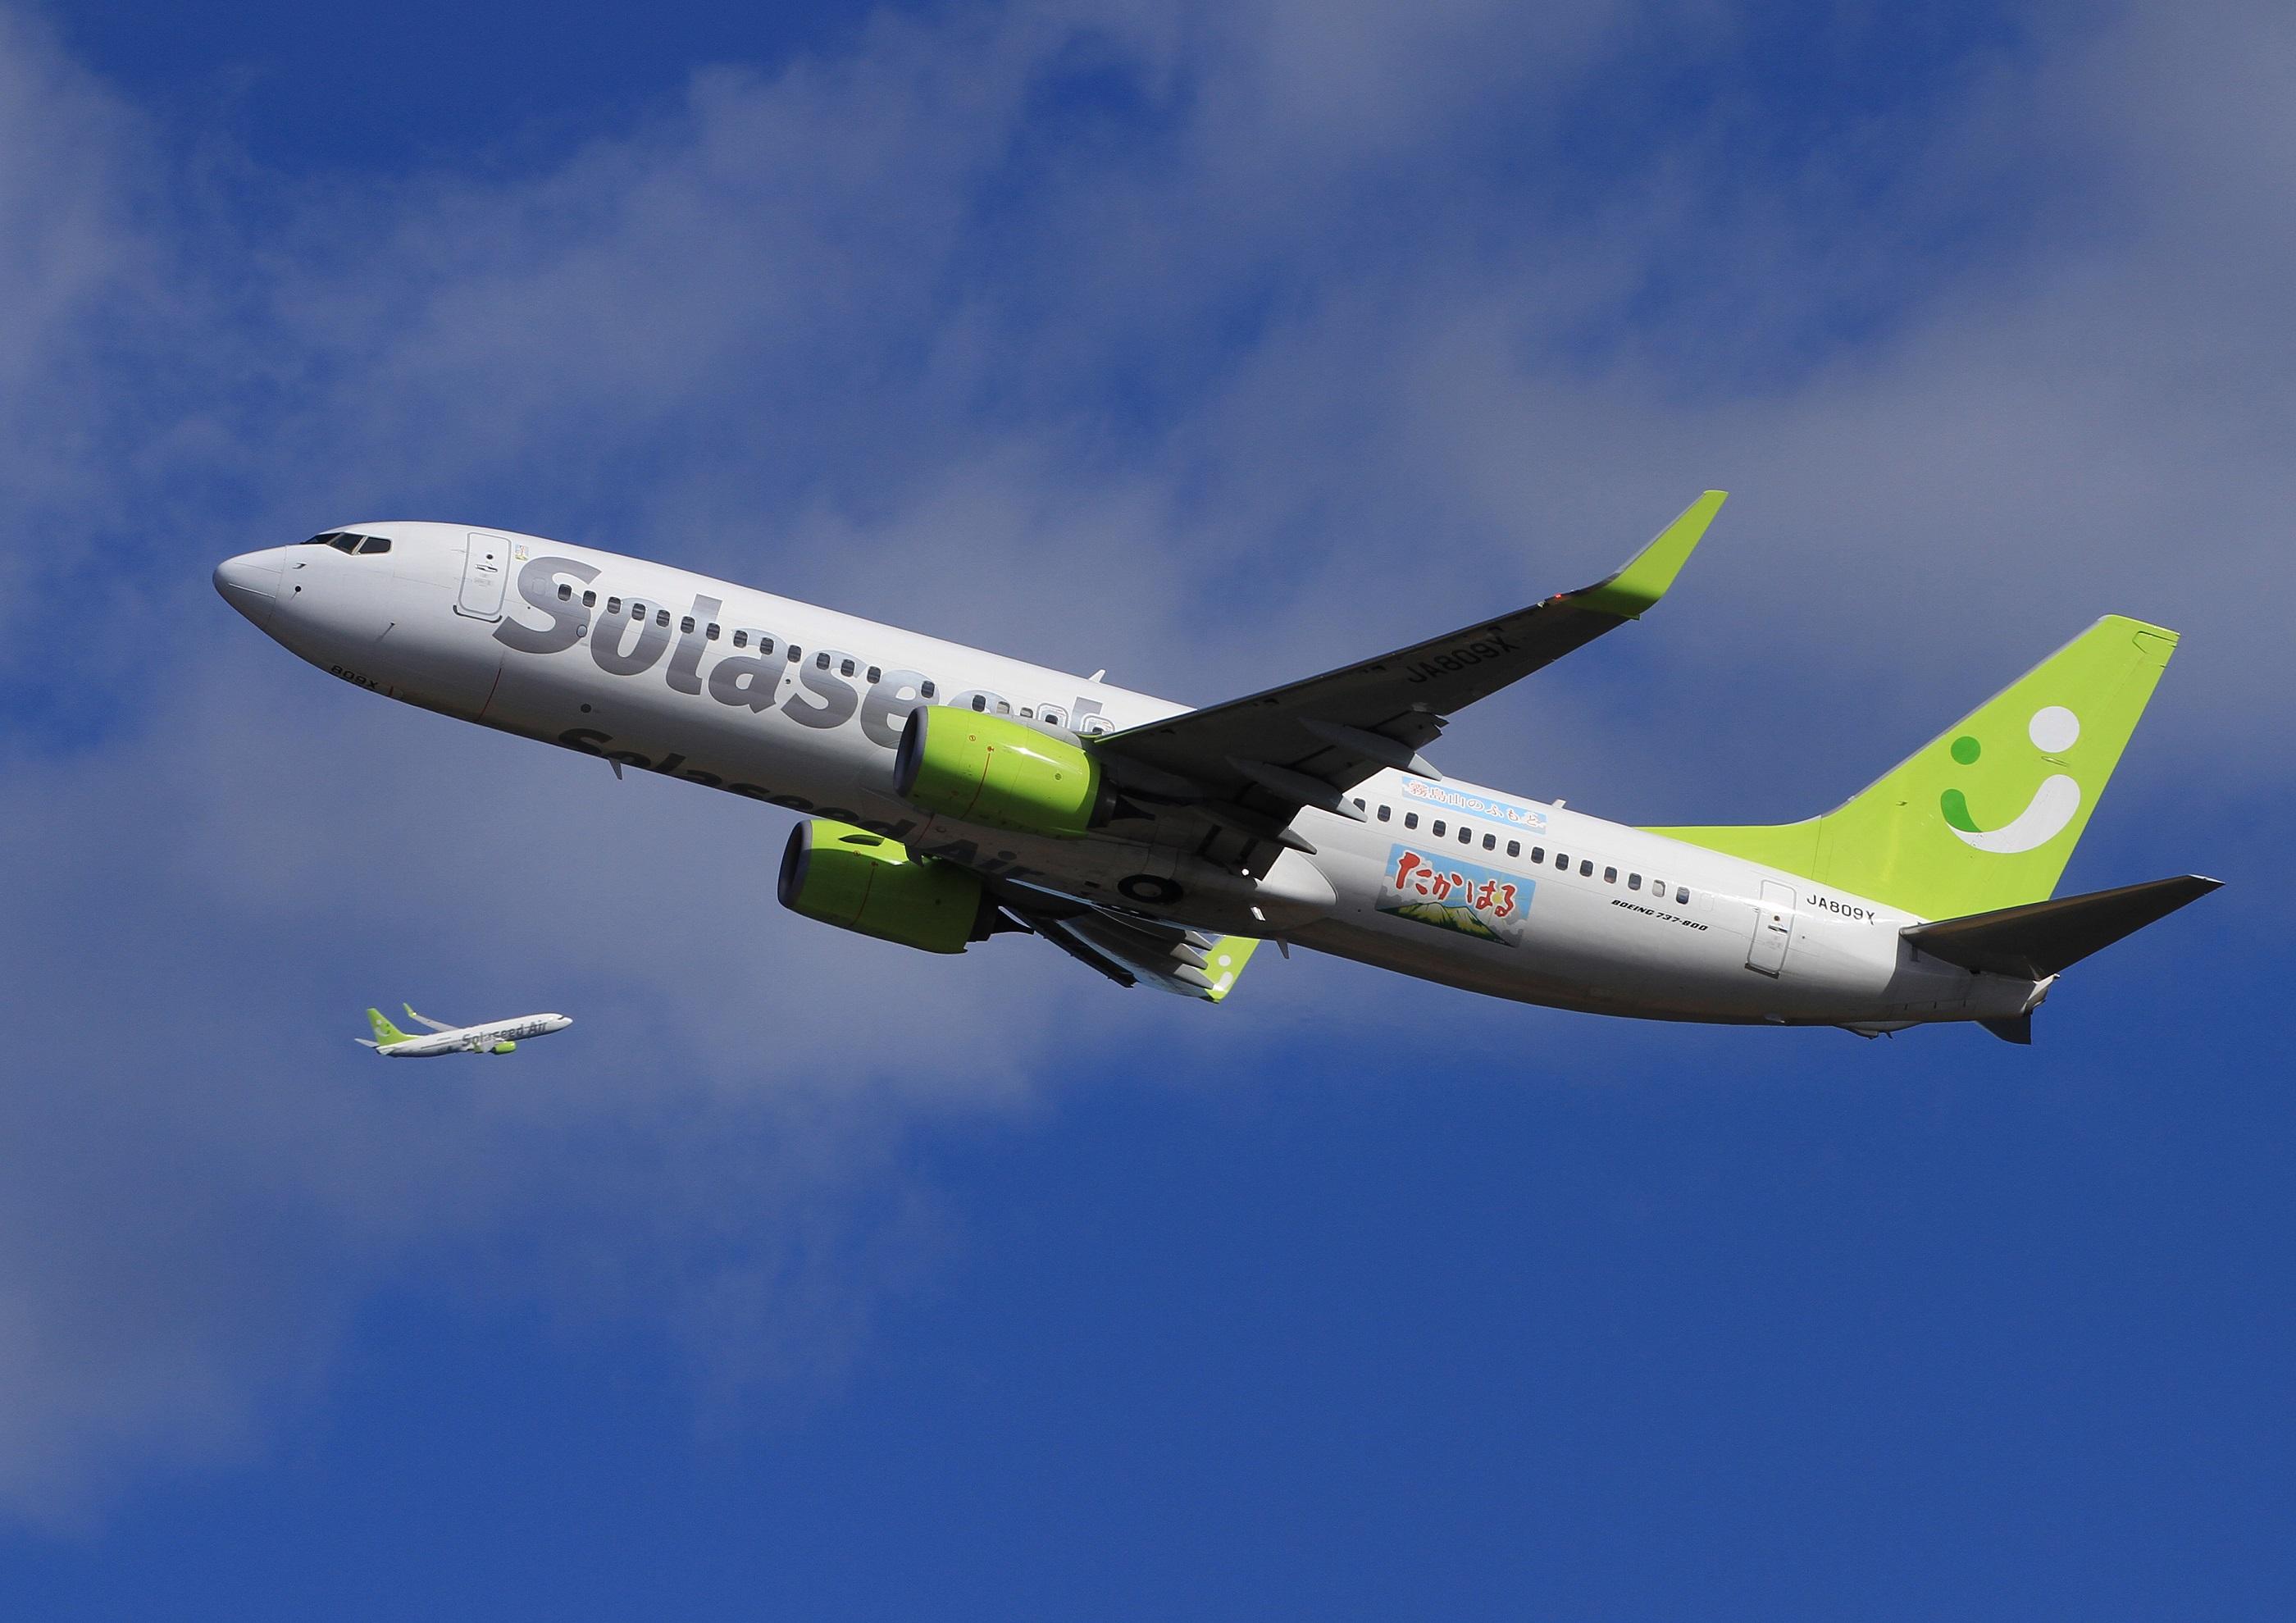 ラタム・エアラインズ、チャプター11申請で経営再建 運航は継続